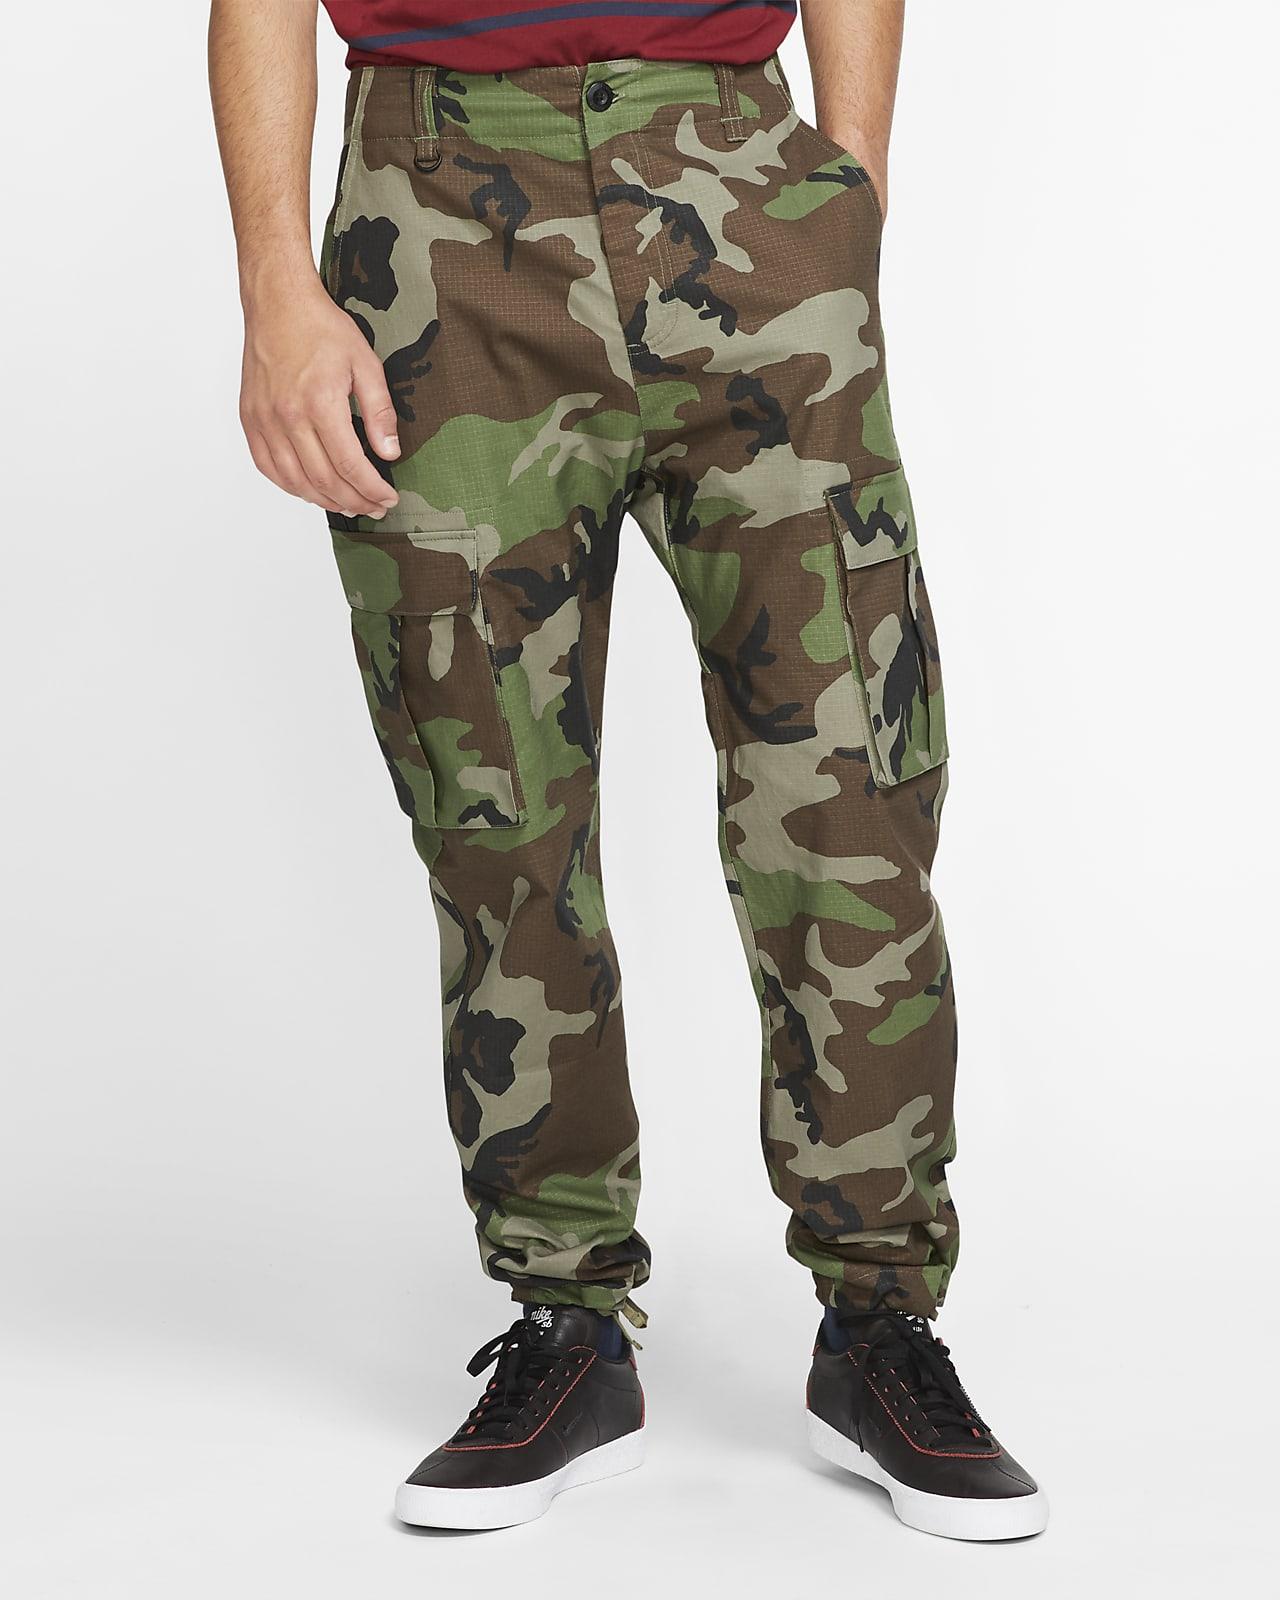 Męskie spodnie cargo do skateboardingu ze wzorem moro Nike SB Flex FTM